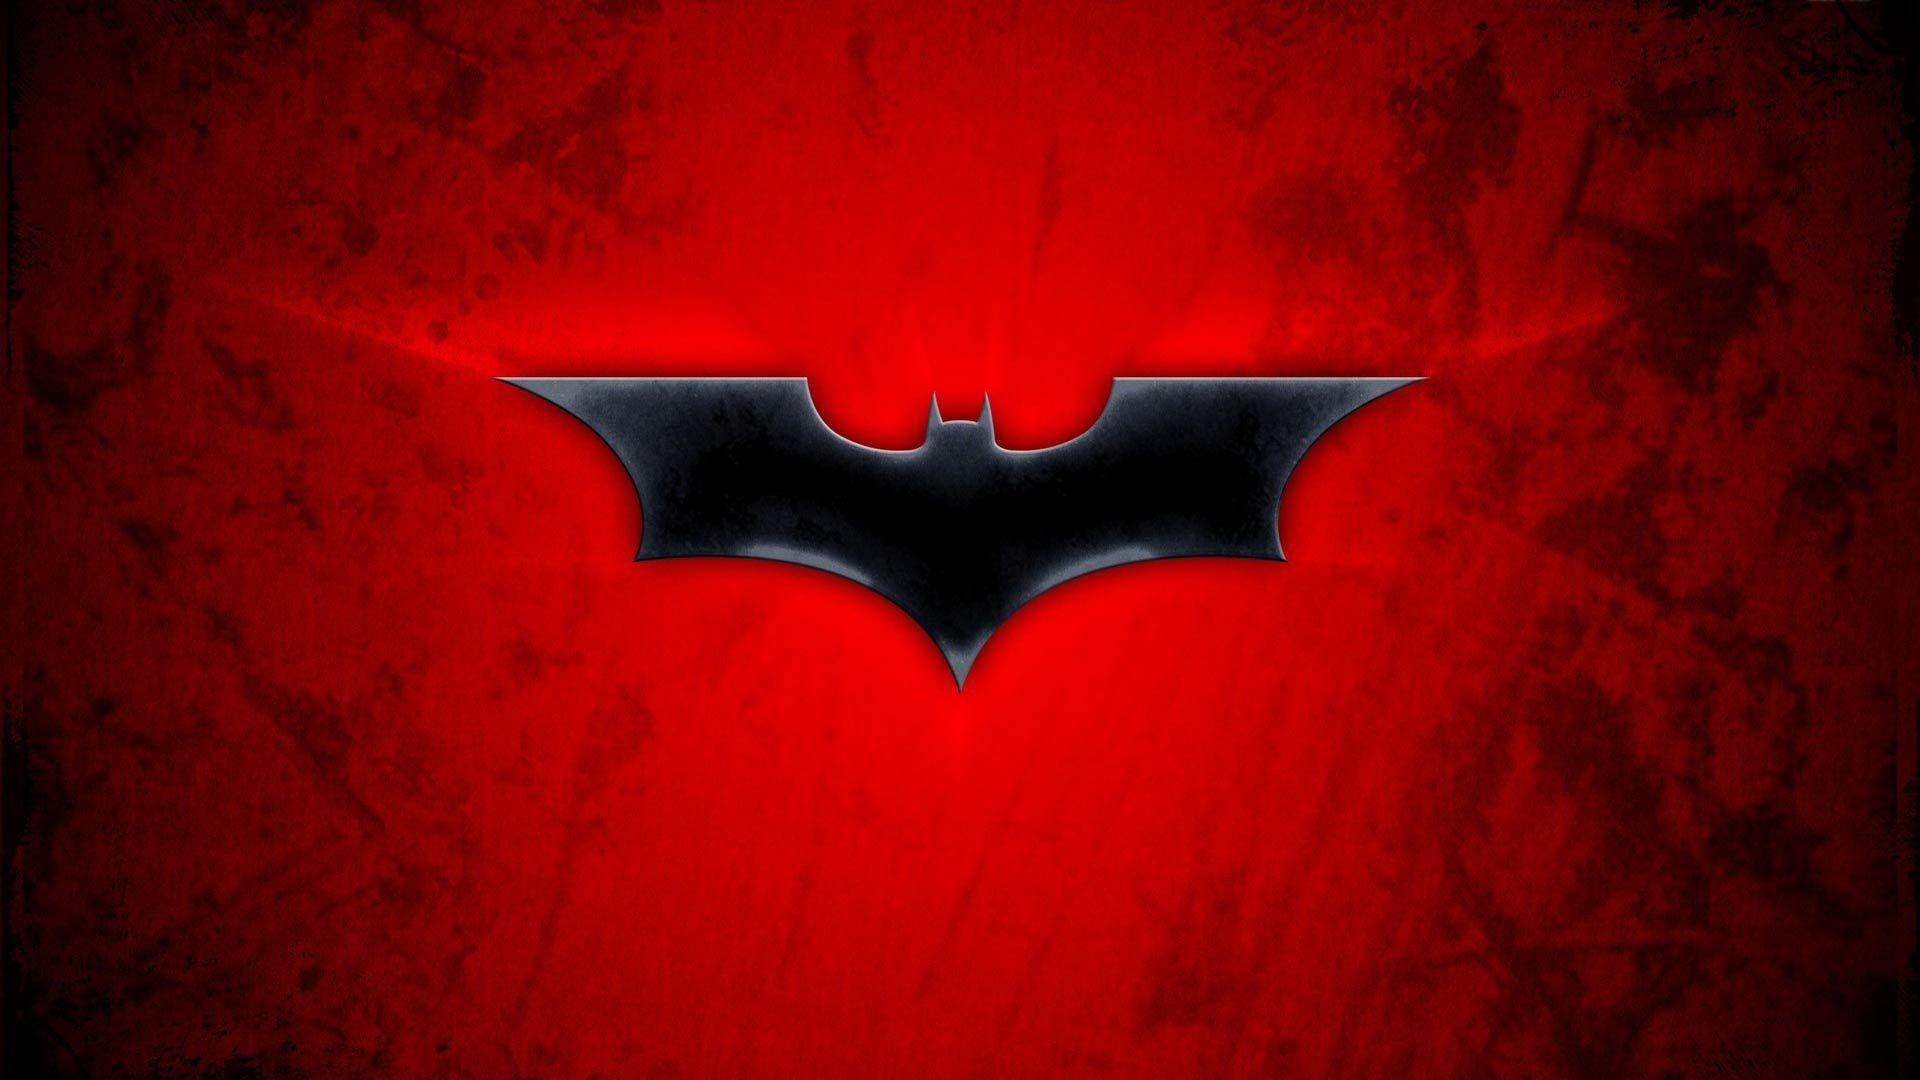 Batman Red Movie Wallpaper Batman Wallpaper Red Batman Batman Logo